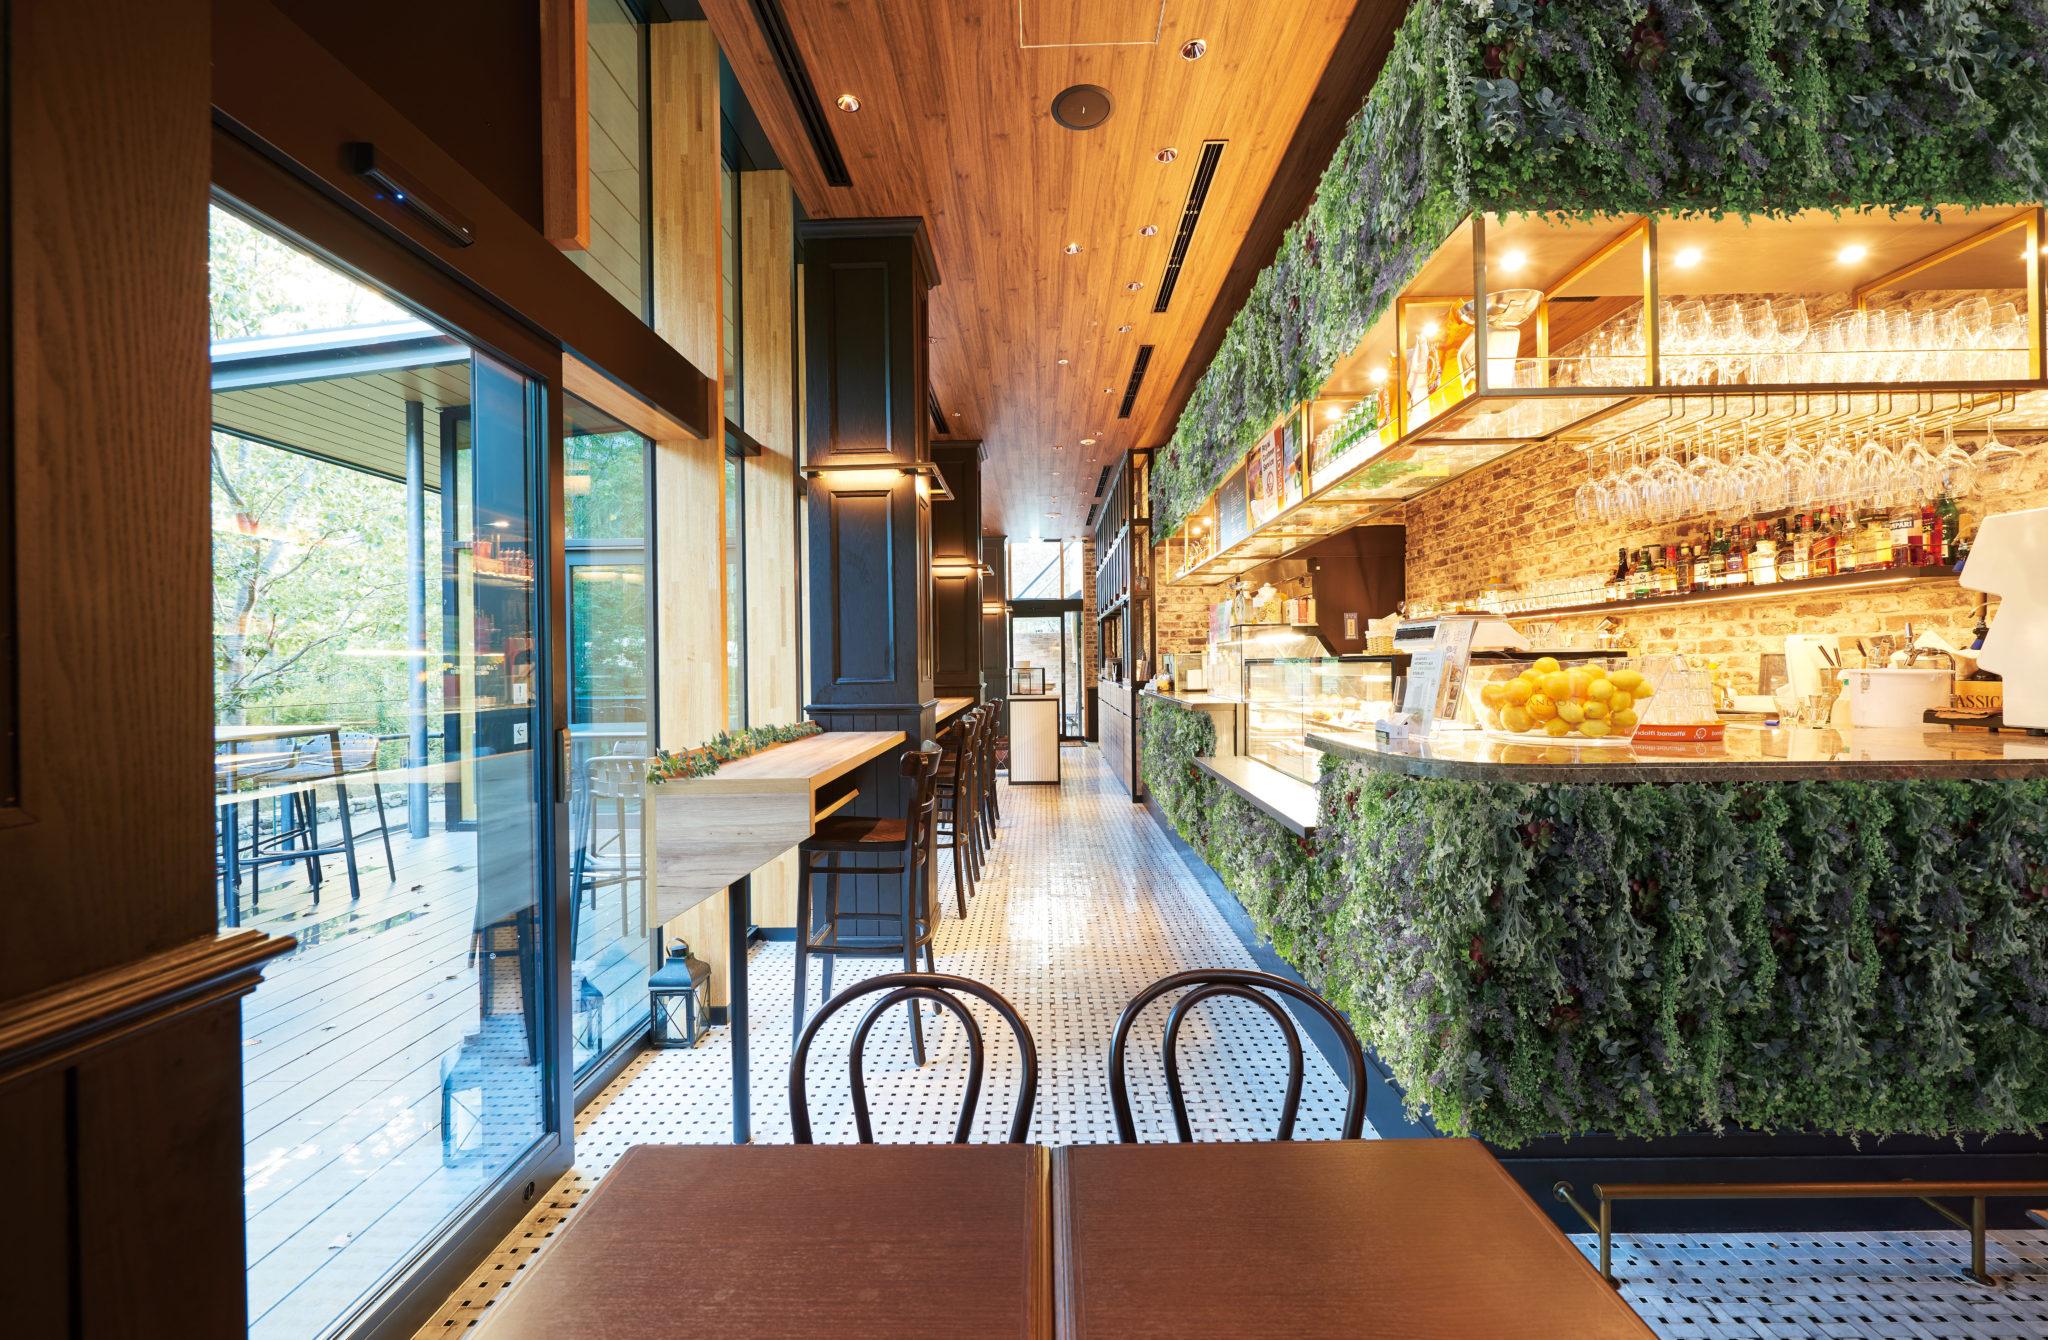 カフェレストラン - カウンター_after